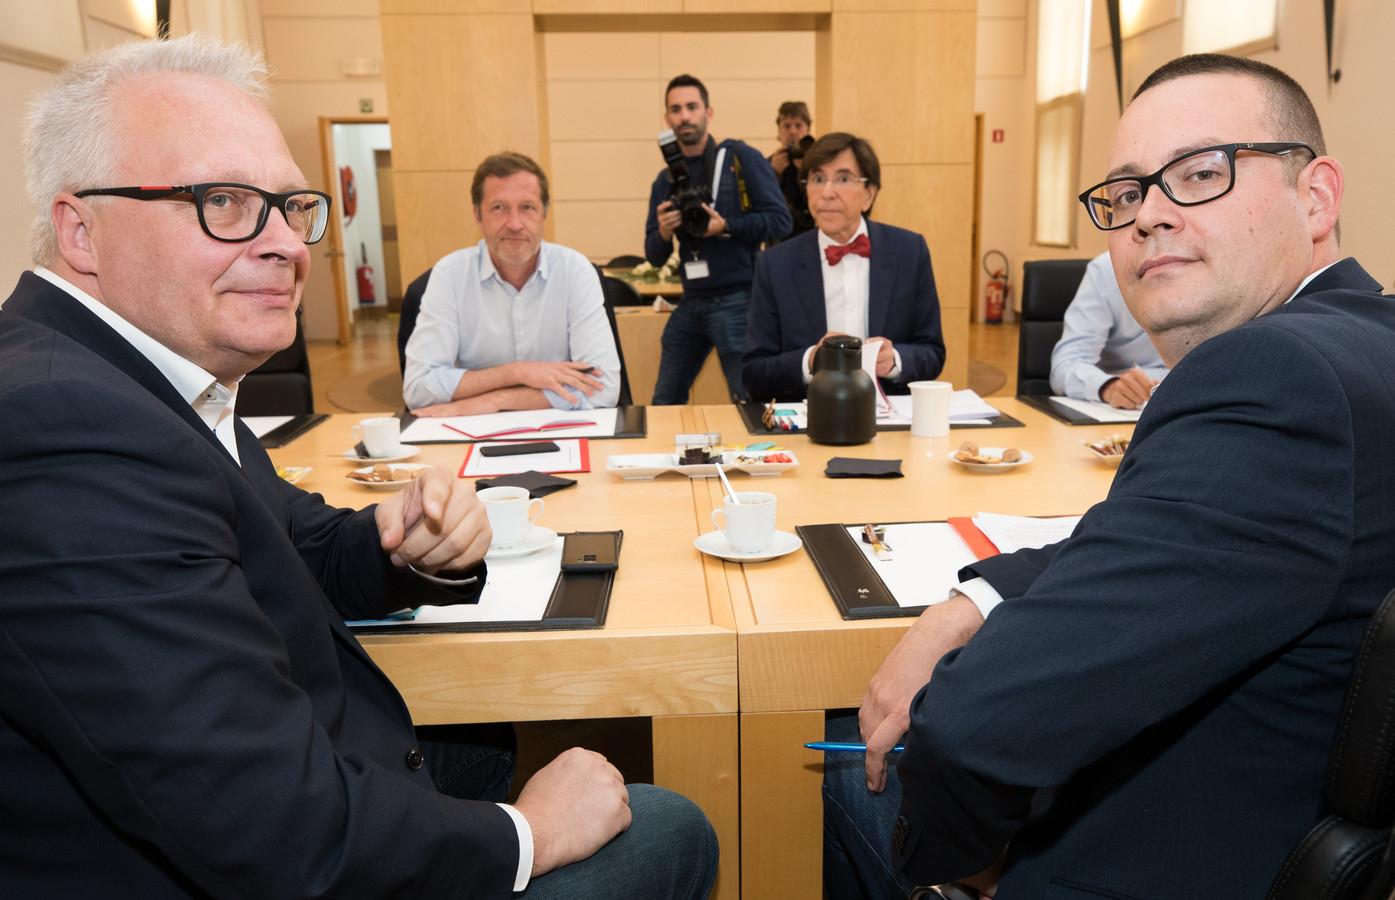 Peter Mertens, président du PTB et Raoul Hedebouw, porte-parole du parti, face à Elio Di Rupo et Paul Magnette, ce mardi 11 juin.